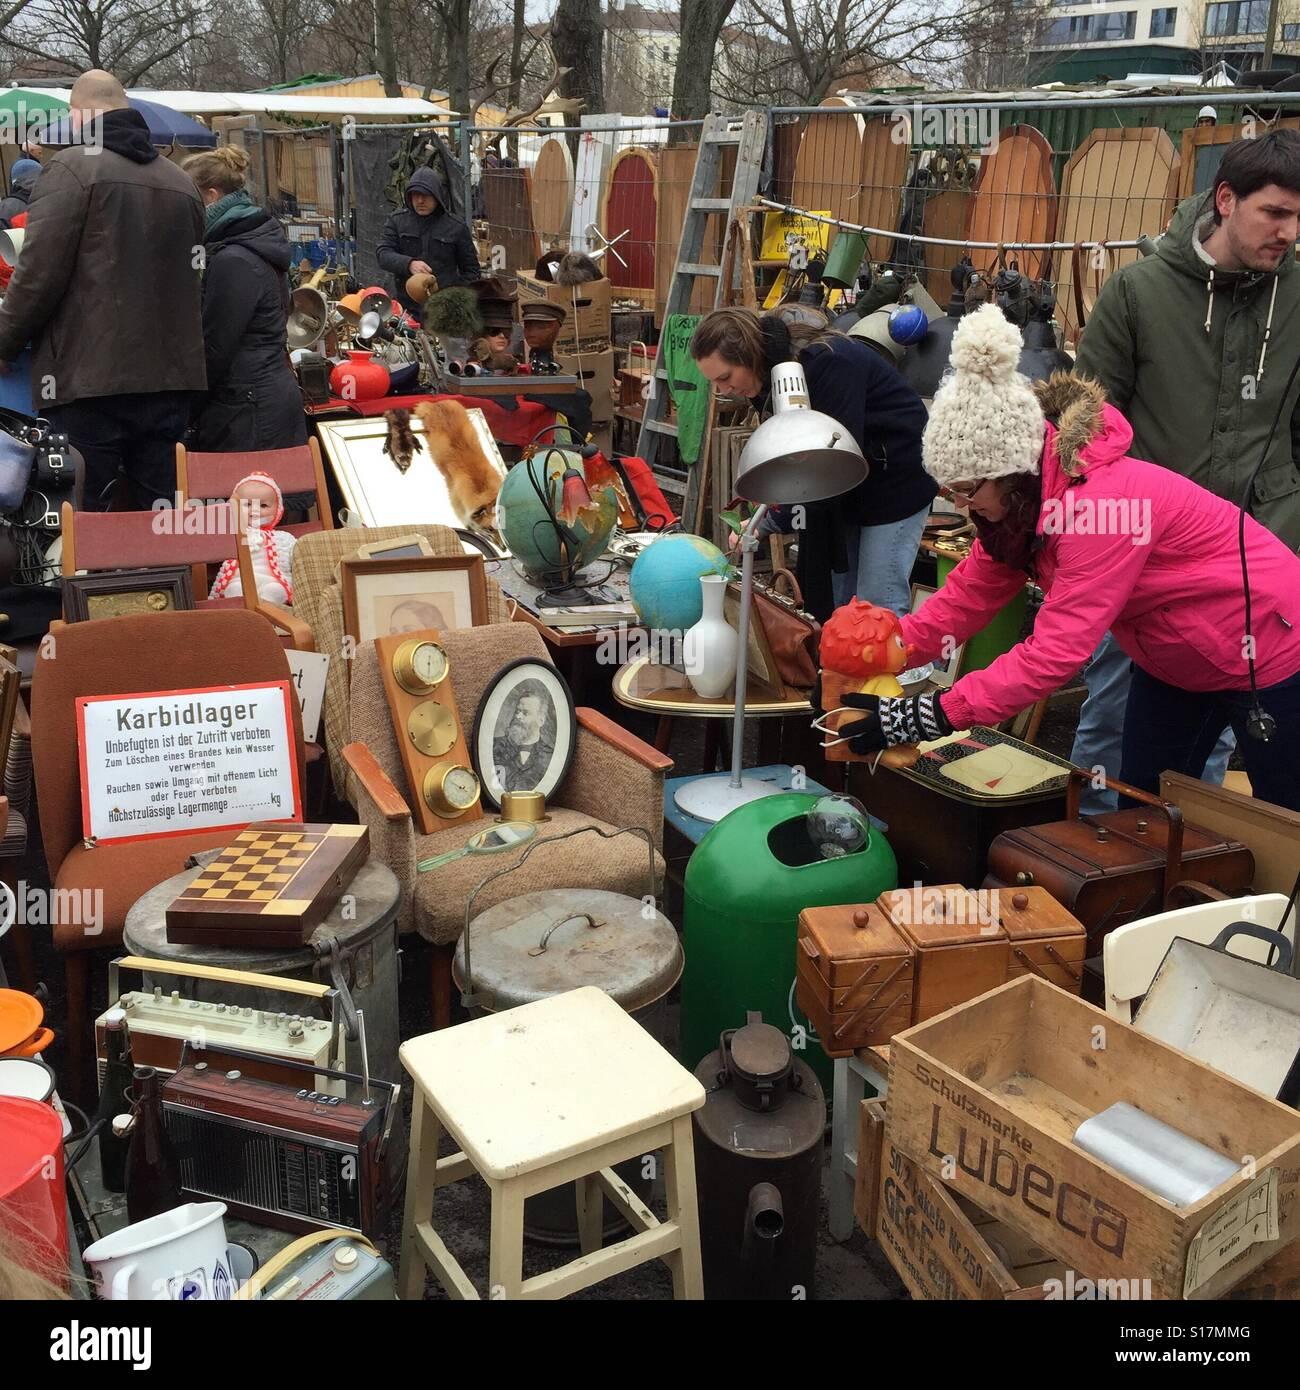 Flohmarkt Am Mauerpark Stockfotos & Flohmarkt Am Mauerpark Bilder ...